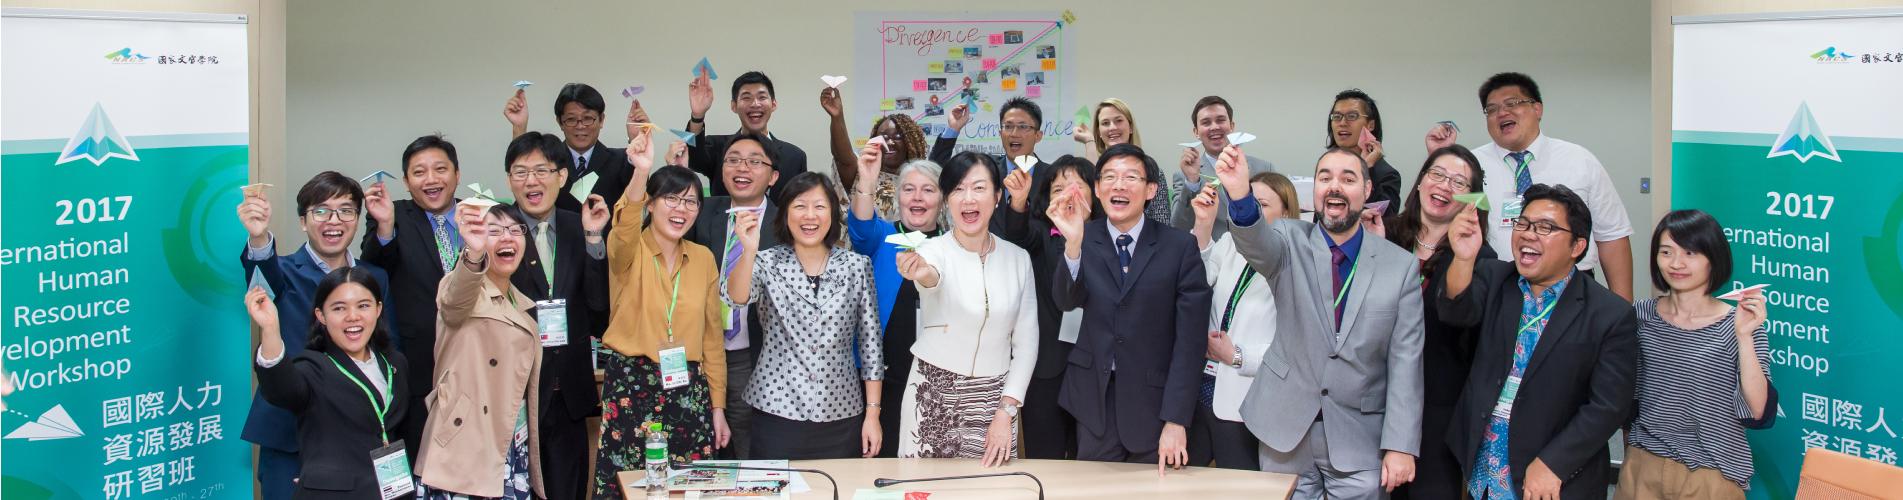 2017 國際人力資源發展研習班